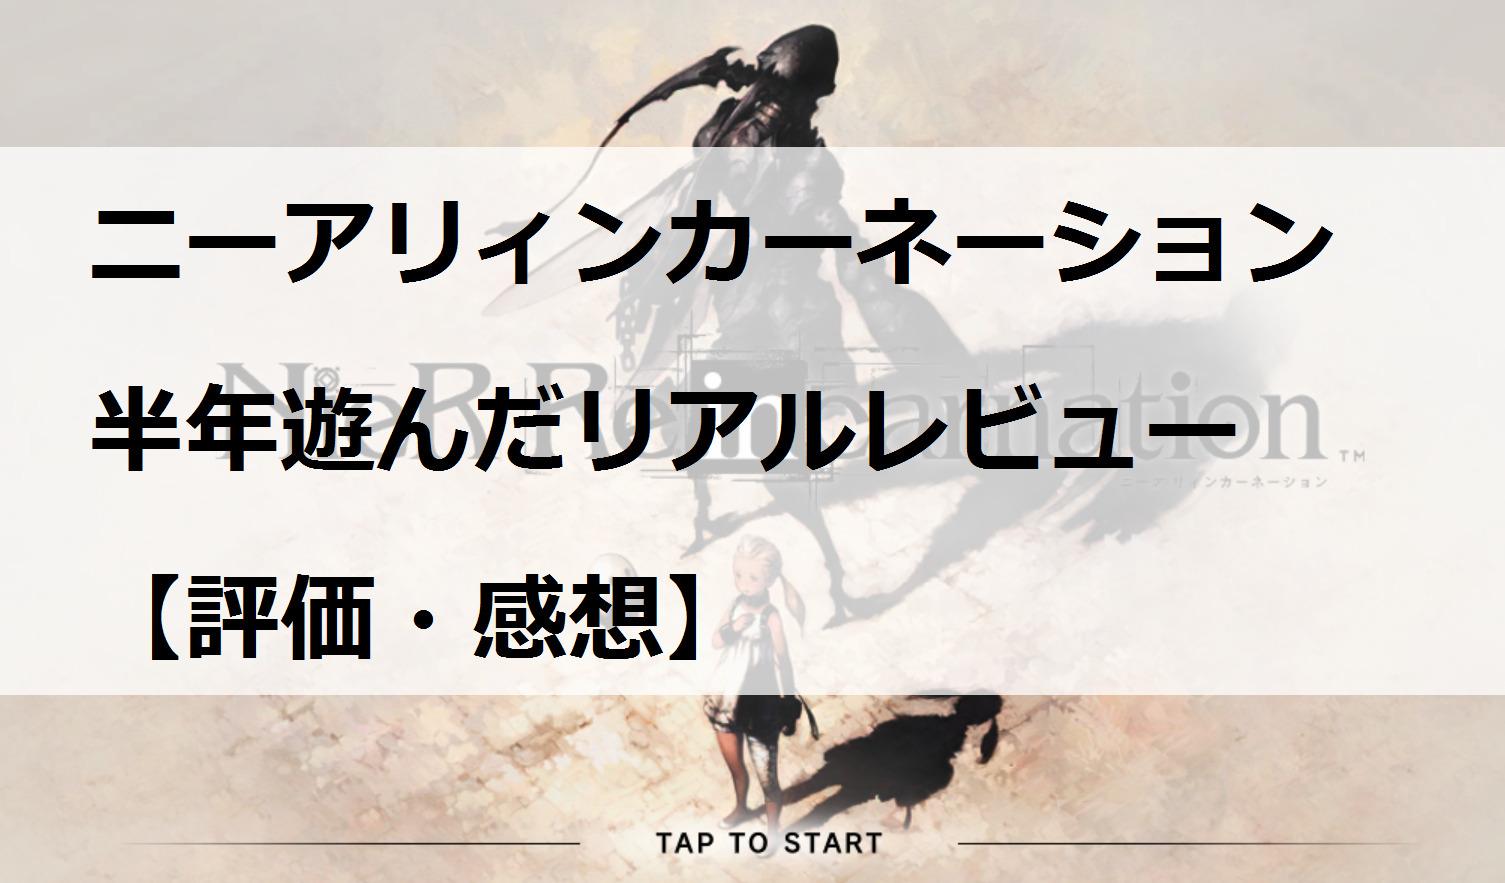 ニーアリィンカーネーションを半年遊んだリアルレビュー【評価・感想】